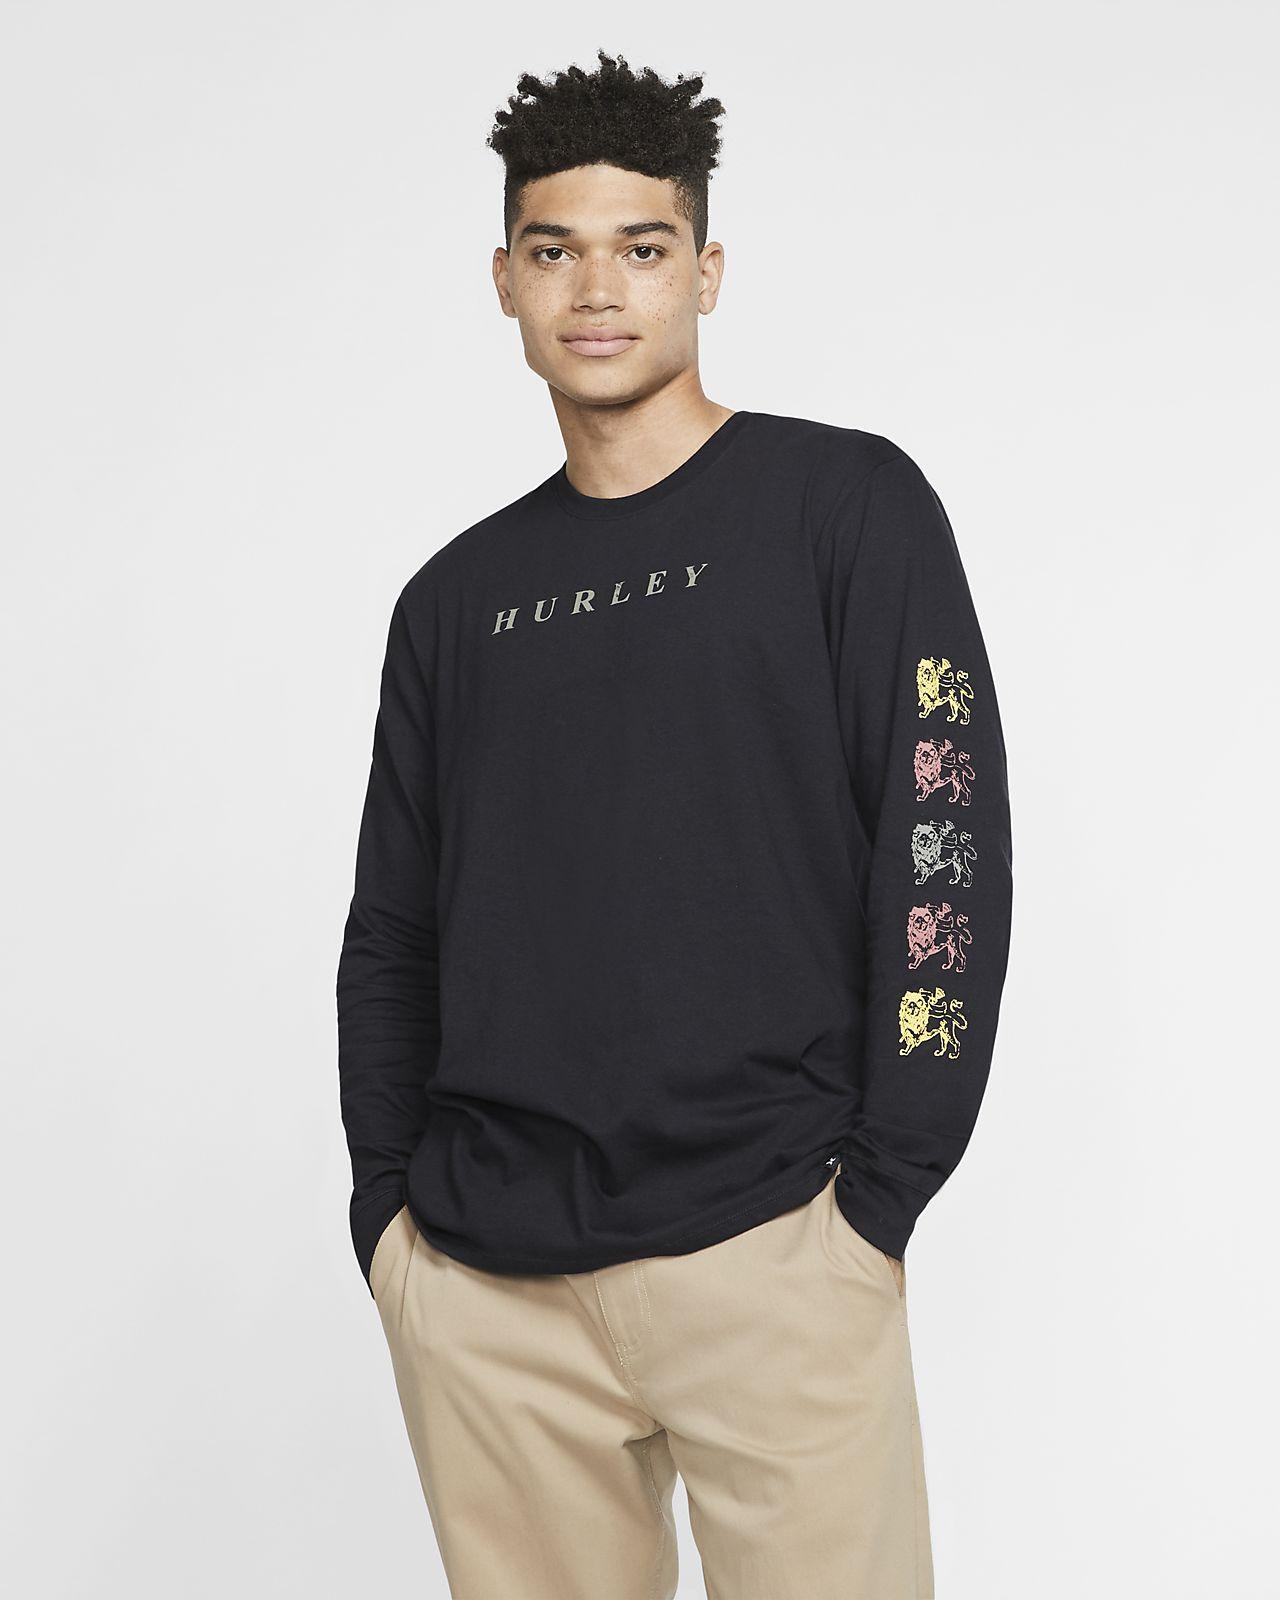 Långärmad t-shirt Hurley Premium Kingston med premiumpassform för män